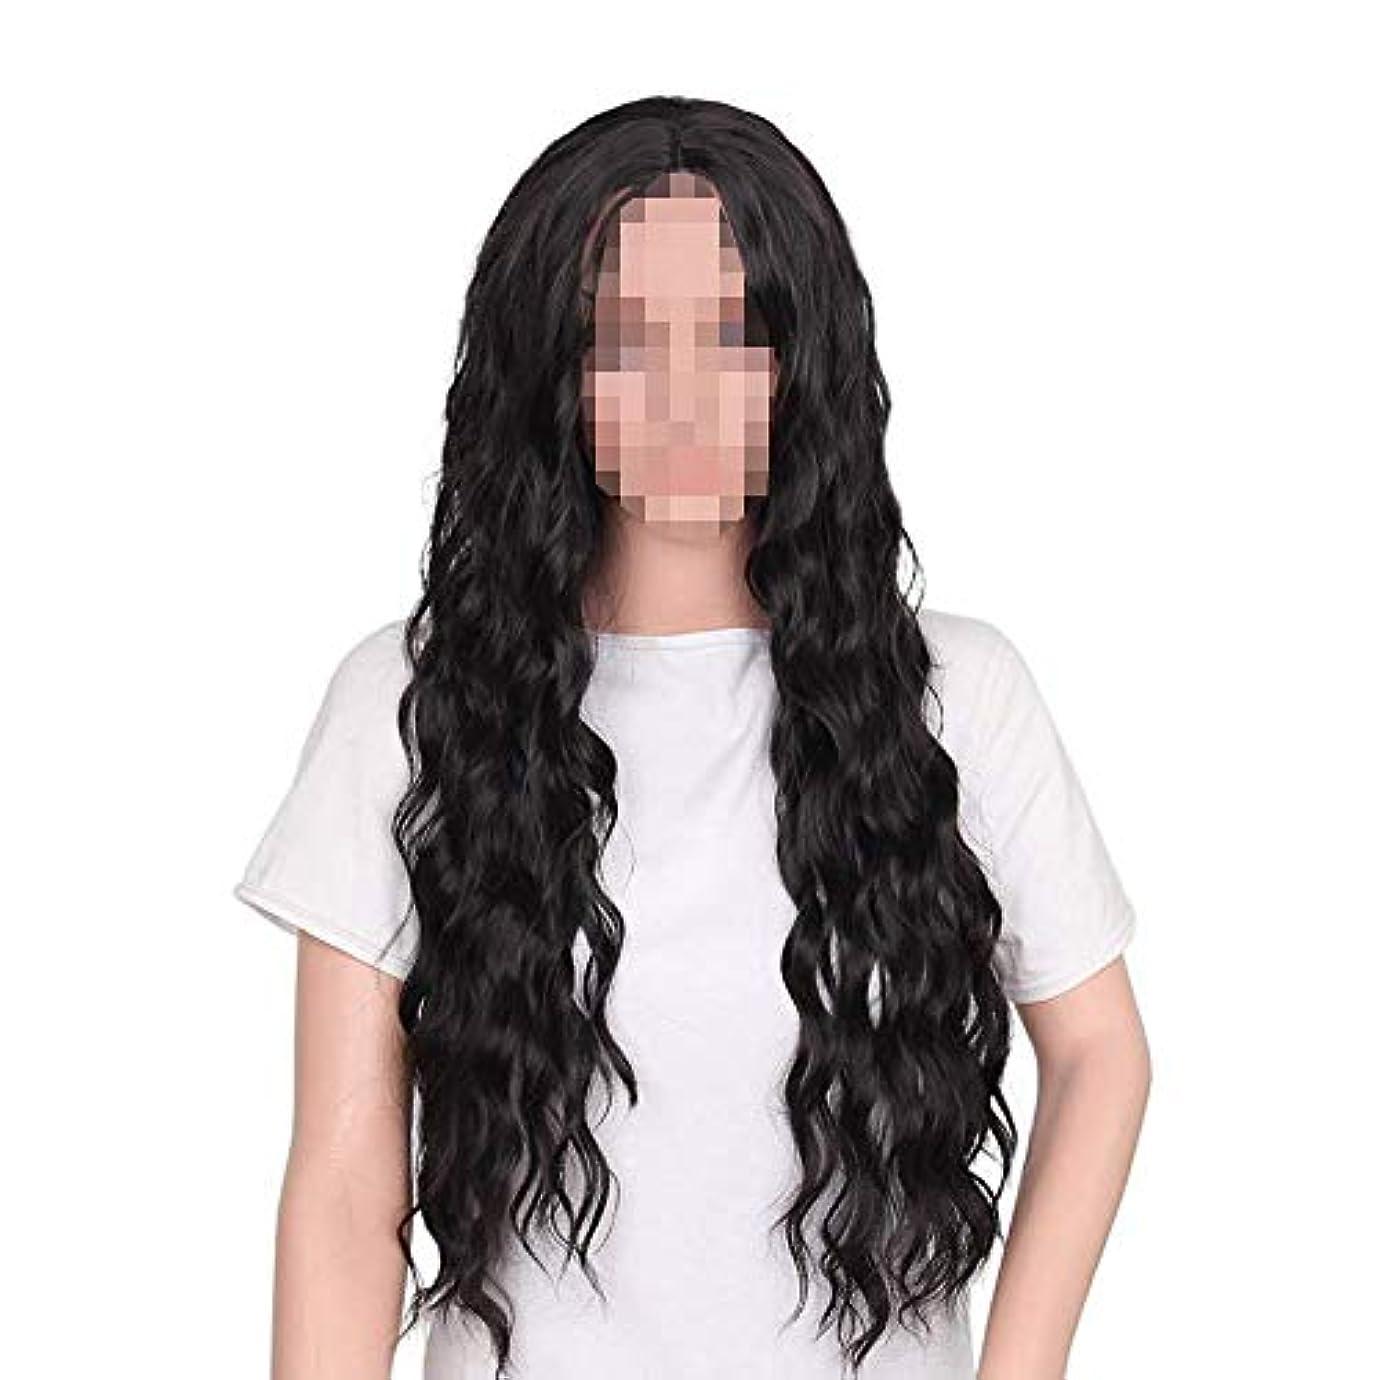 植生希少性仕立て屋水の波のかつら/女性モデル/人工毛の高温繊維/女性のための長い波状のかつら耐熱繊維/自然な毎日のかつら,Black